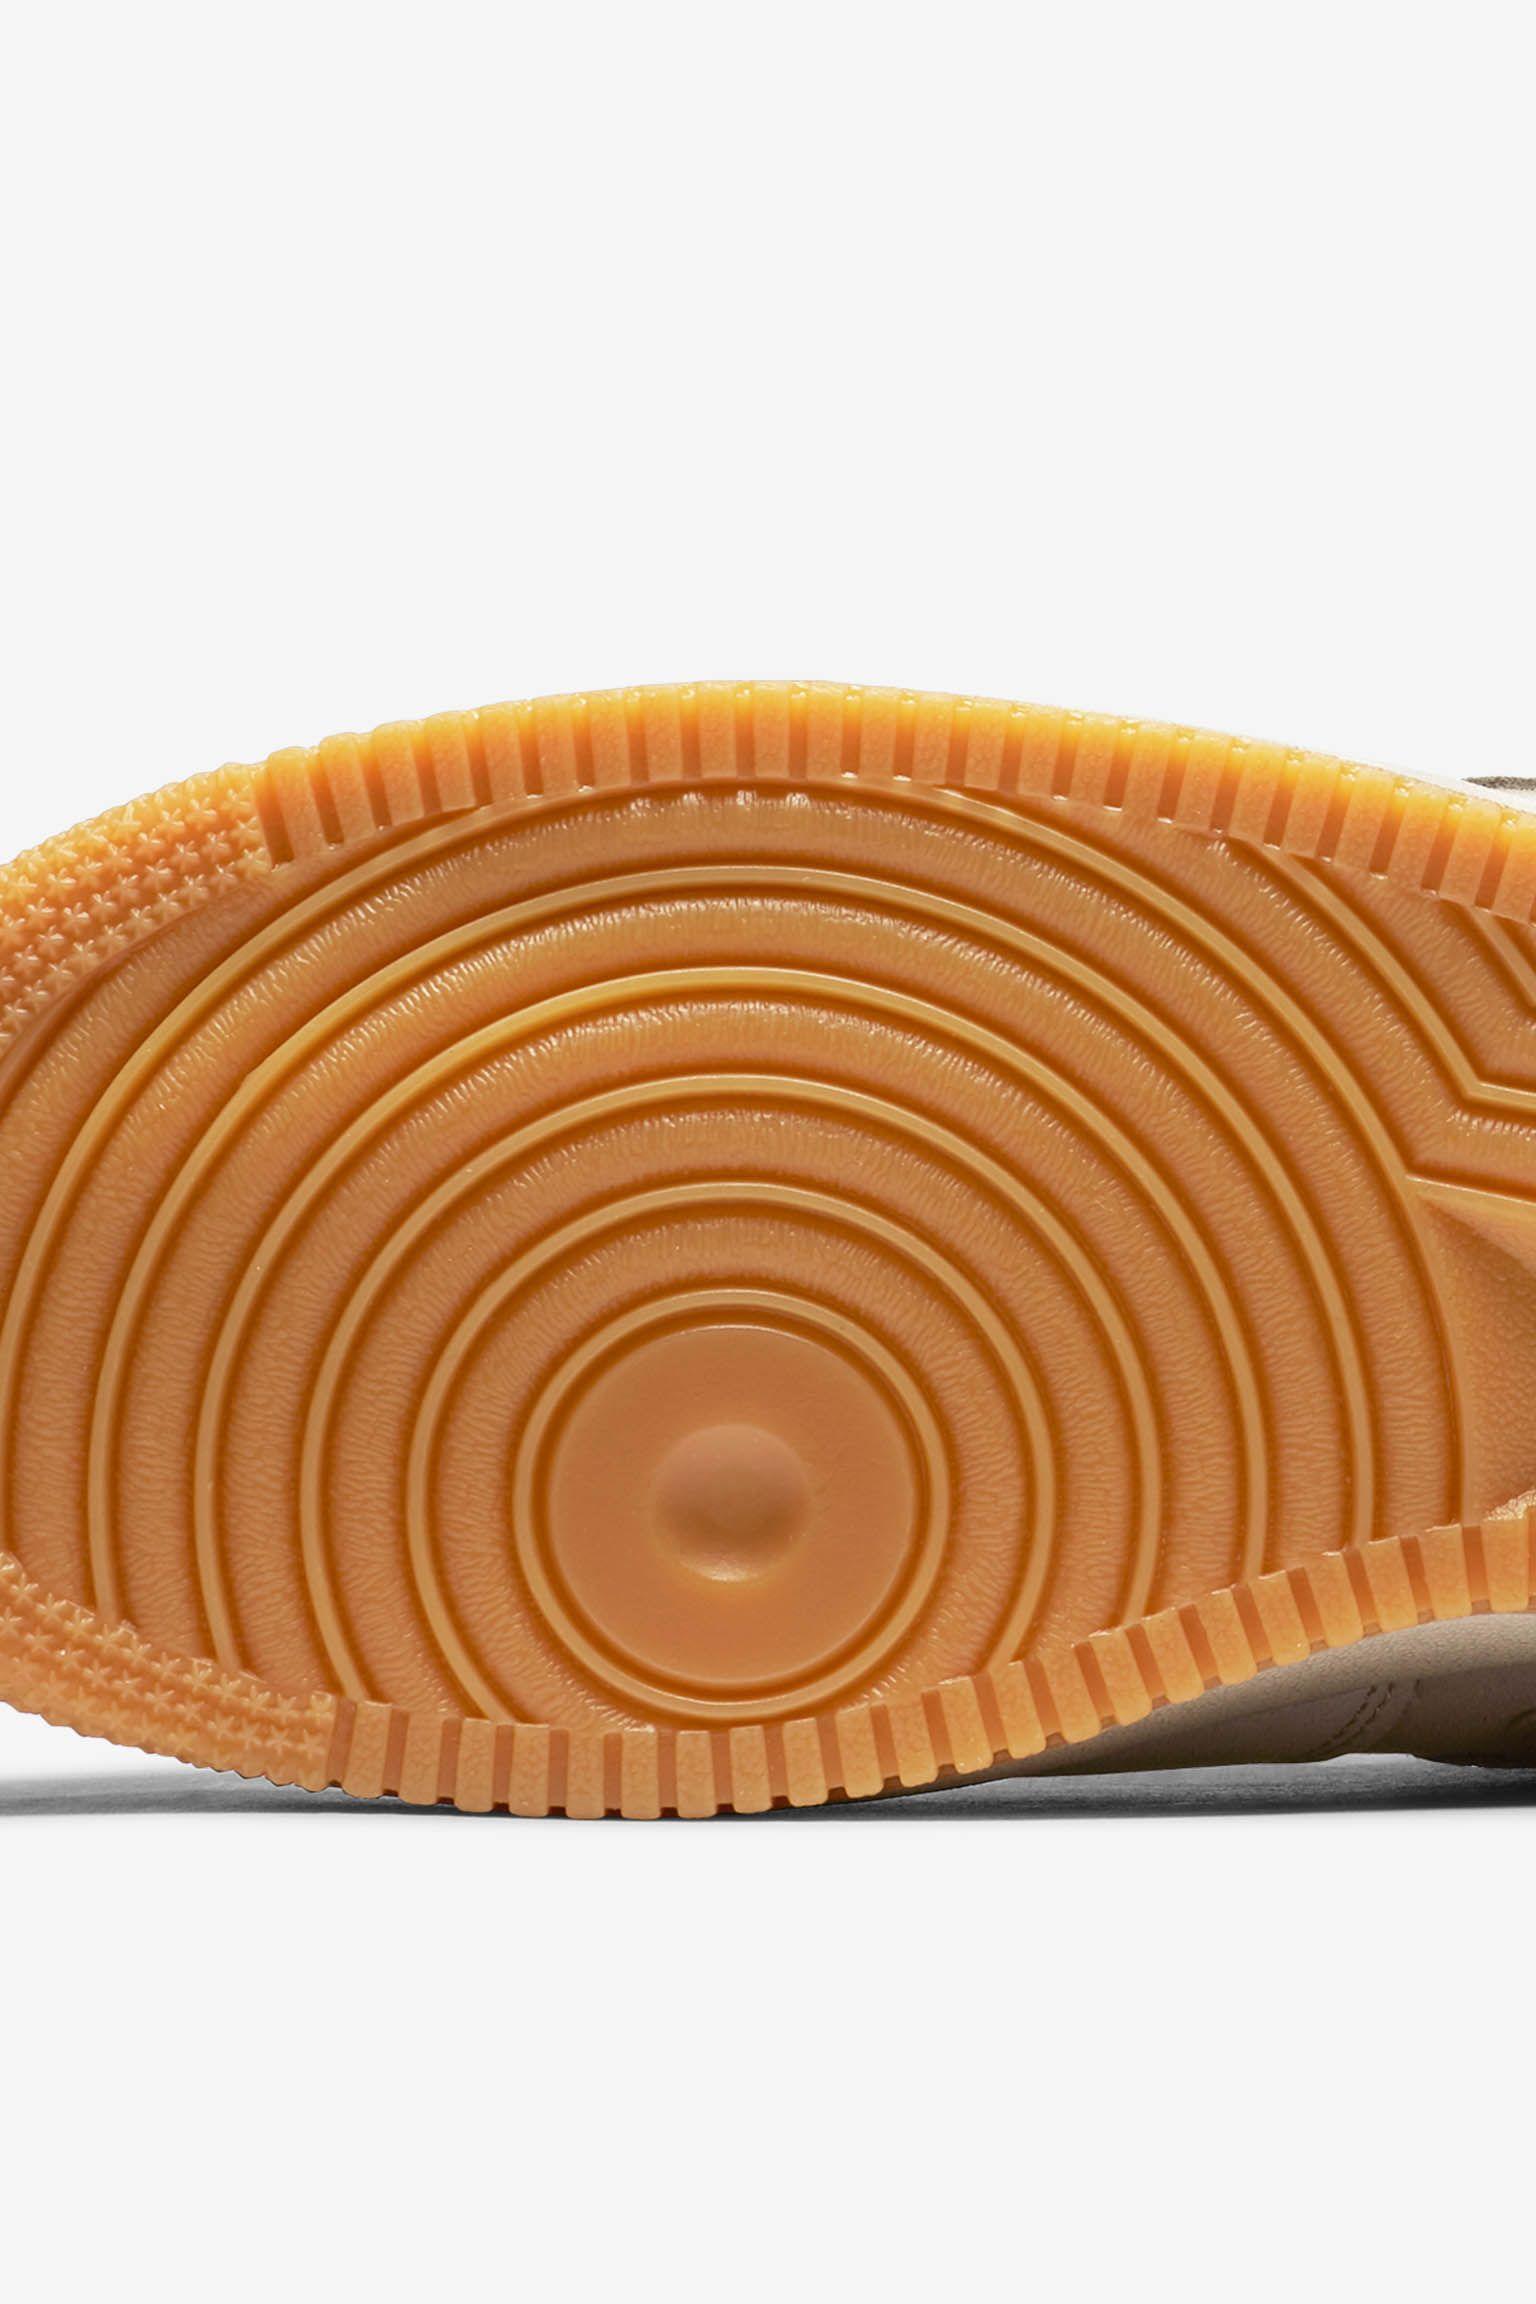 Nike SF AF-1 'String & Gum'